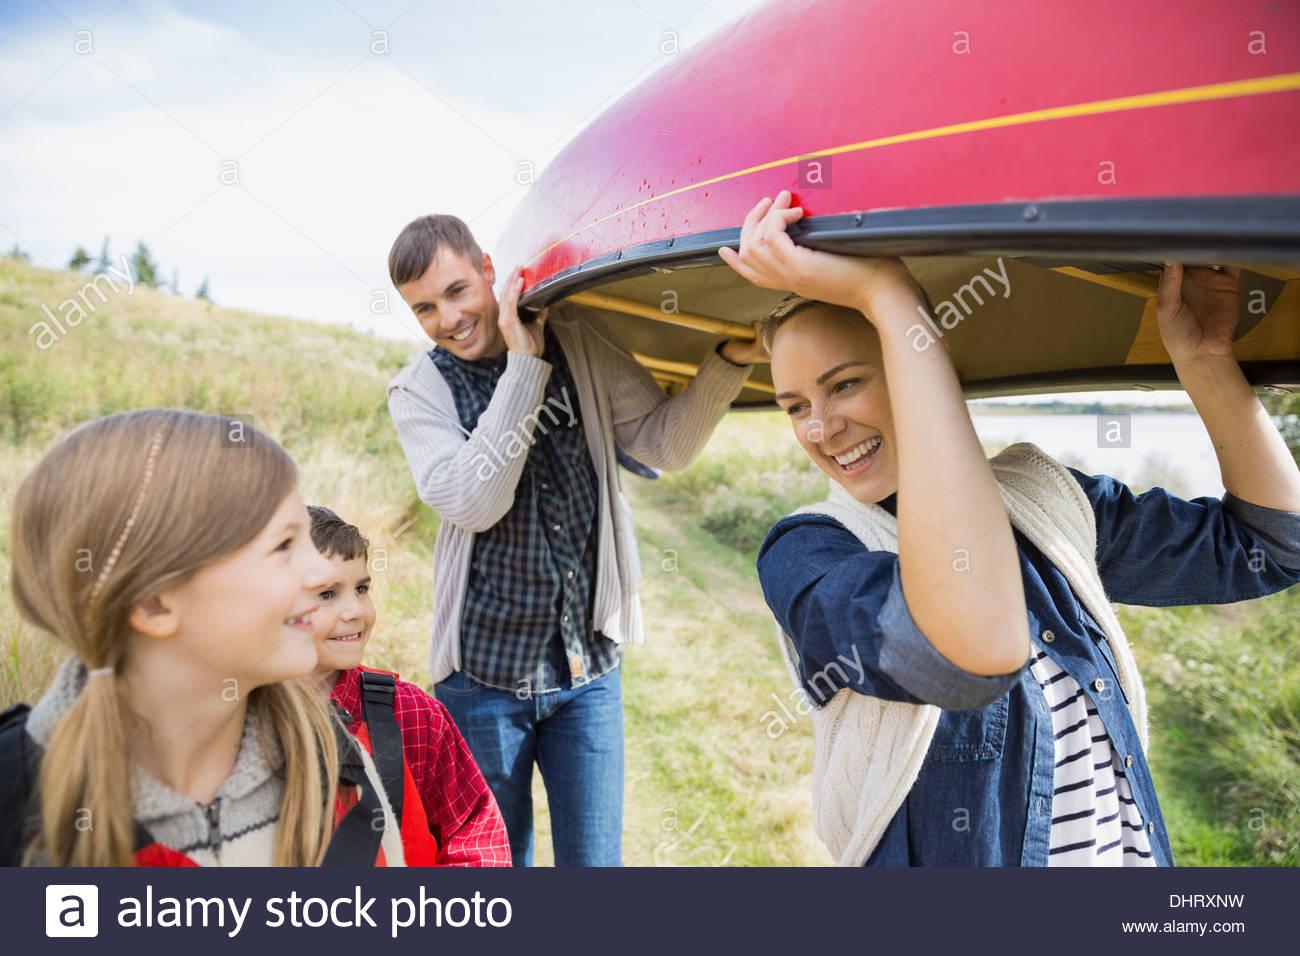 Famiglia portando canoe a lakeshore Immagini Stock